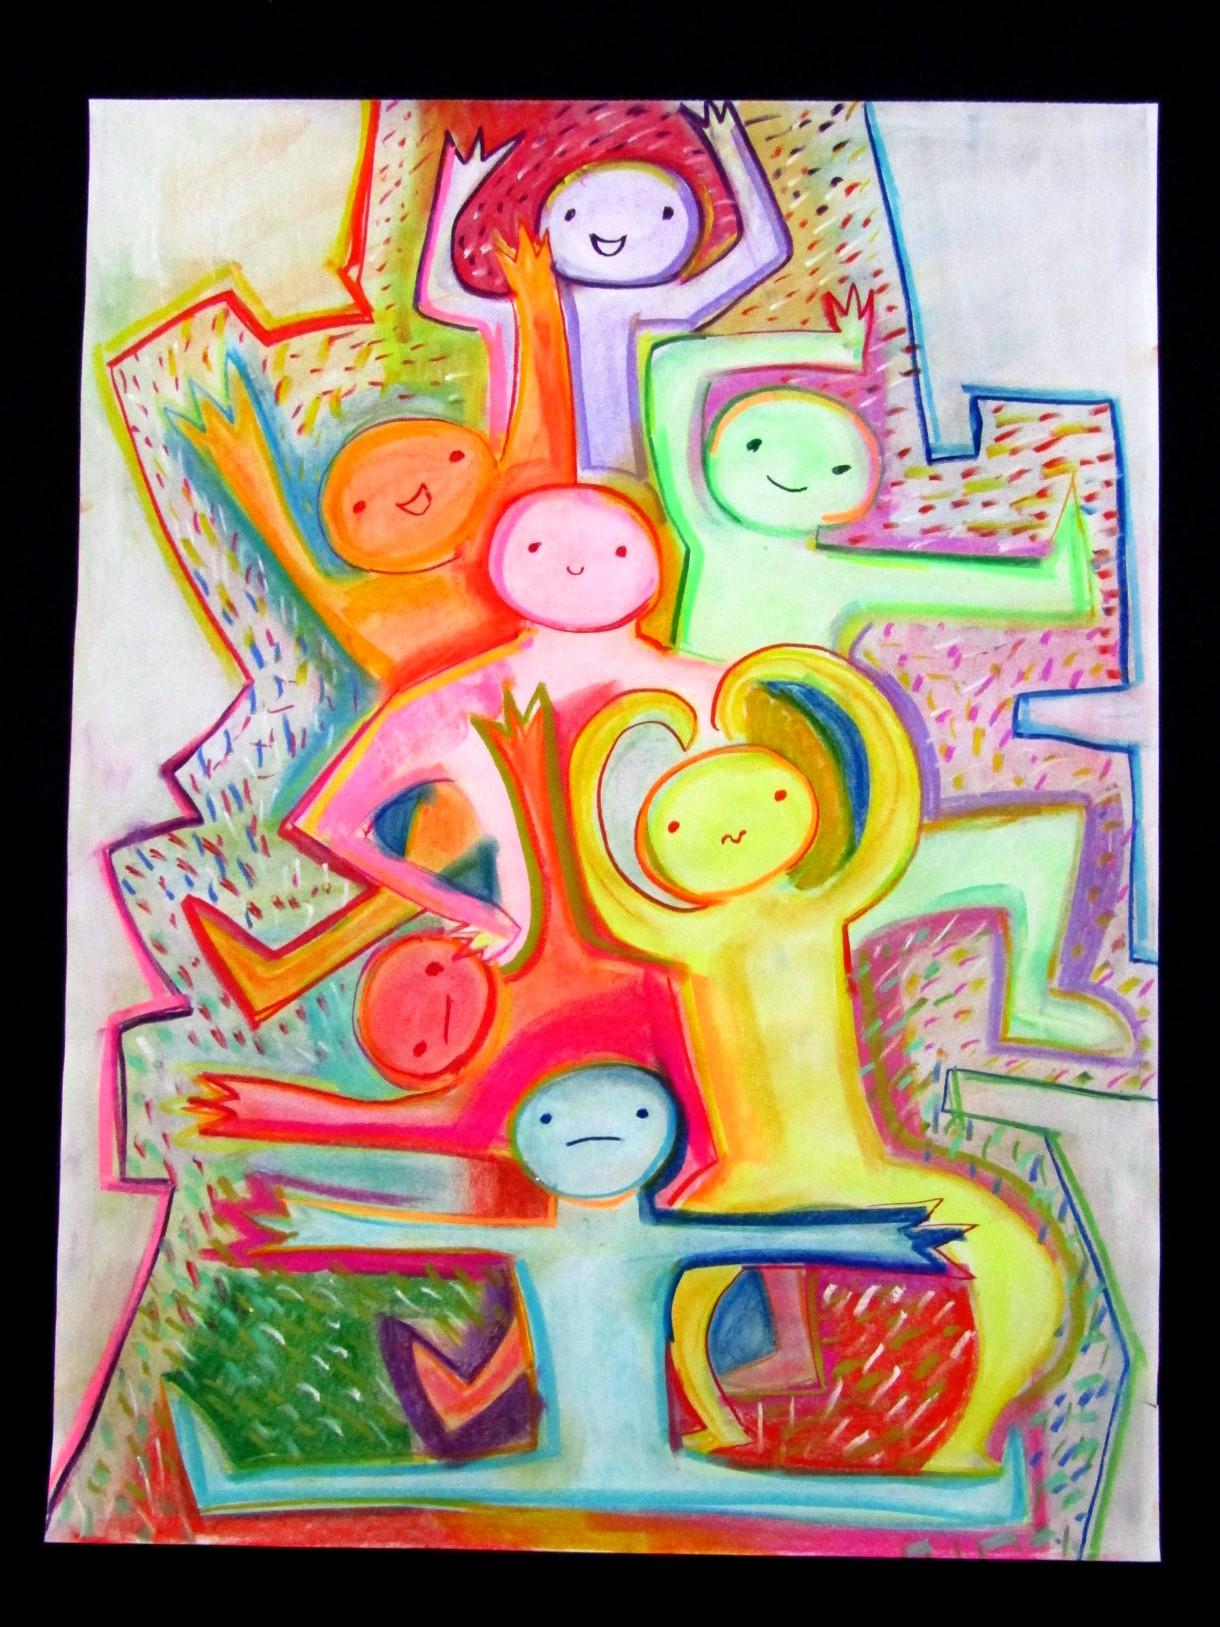 На рисунке изображены 7 фигур людей. Все они разных цветов и в разных позах. Внизу на шпагате сидит голубой человек. Над